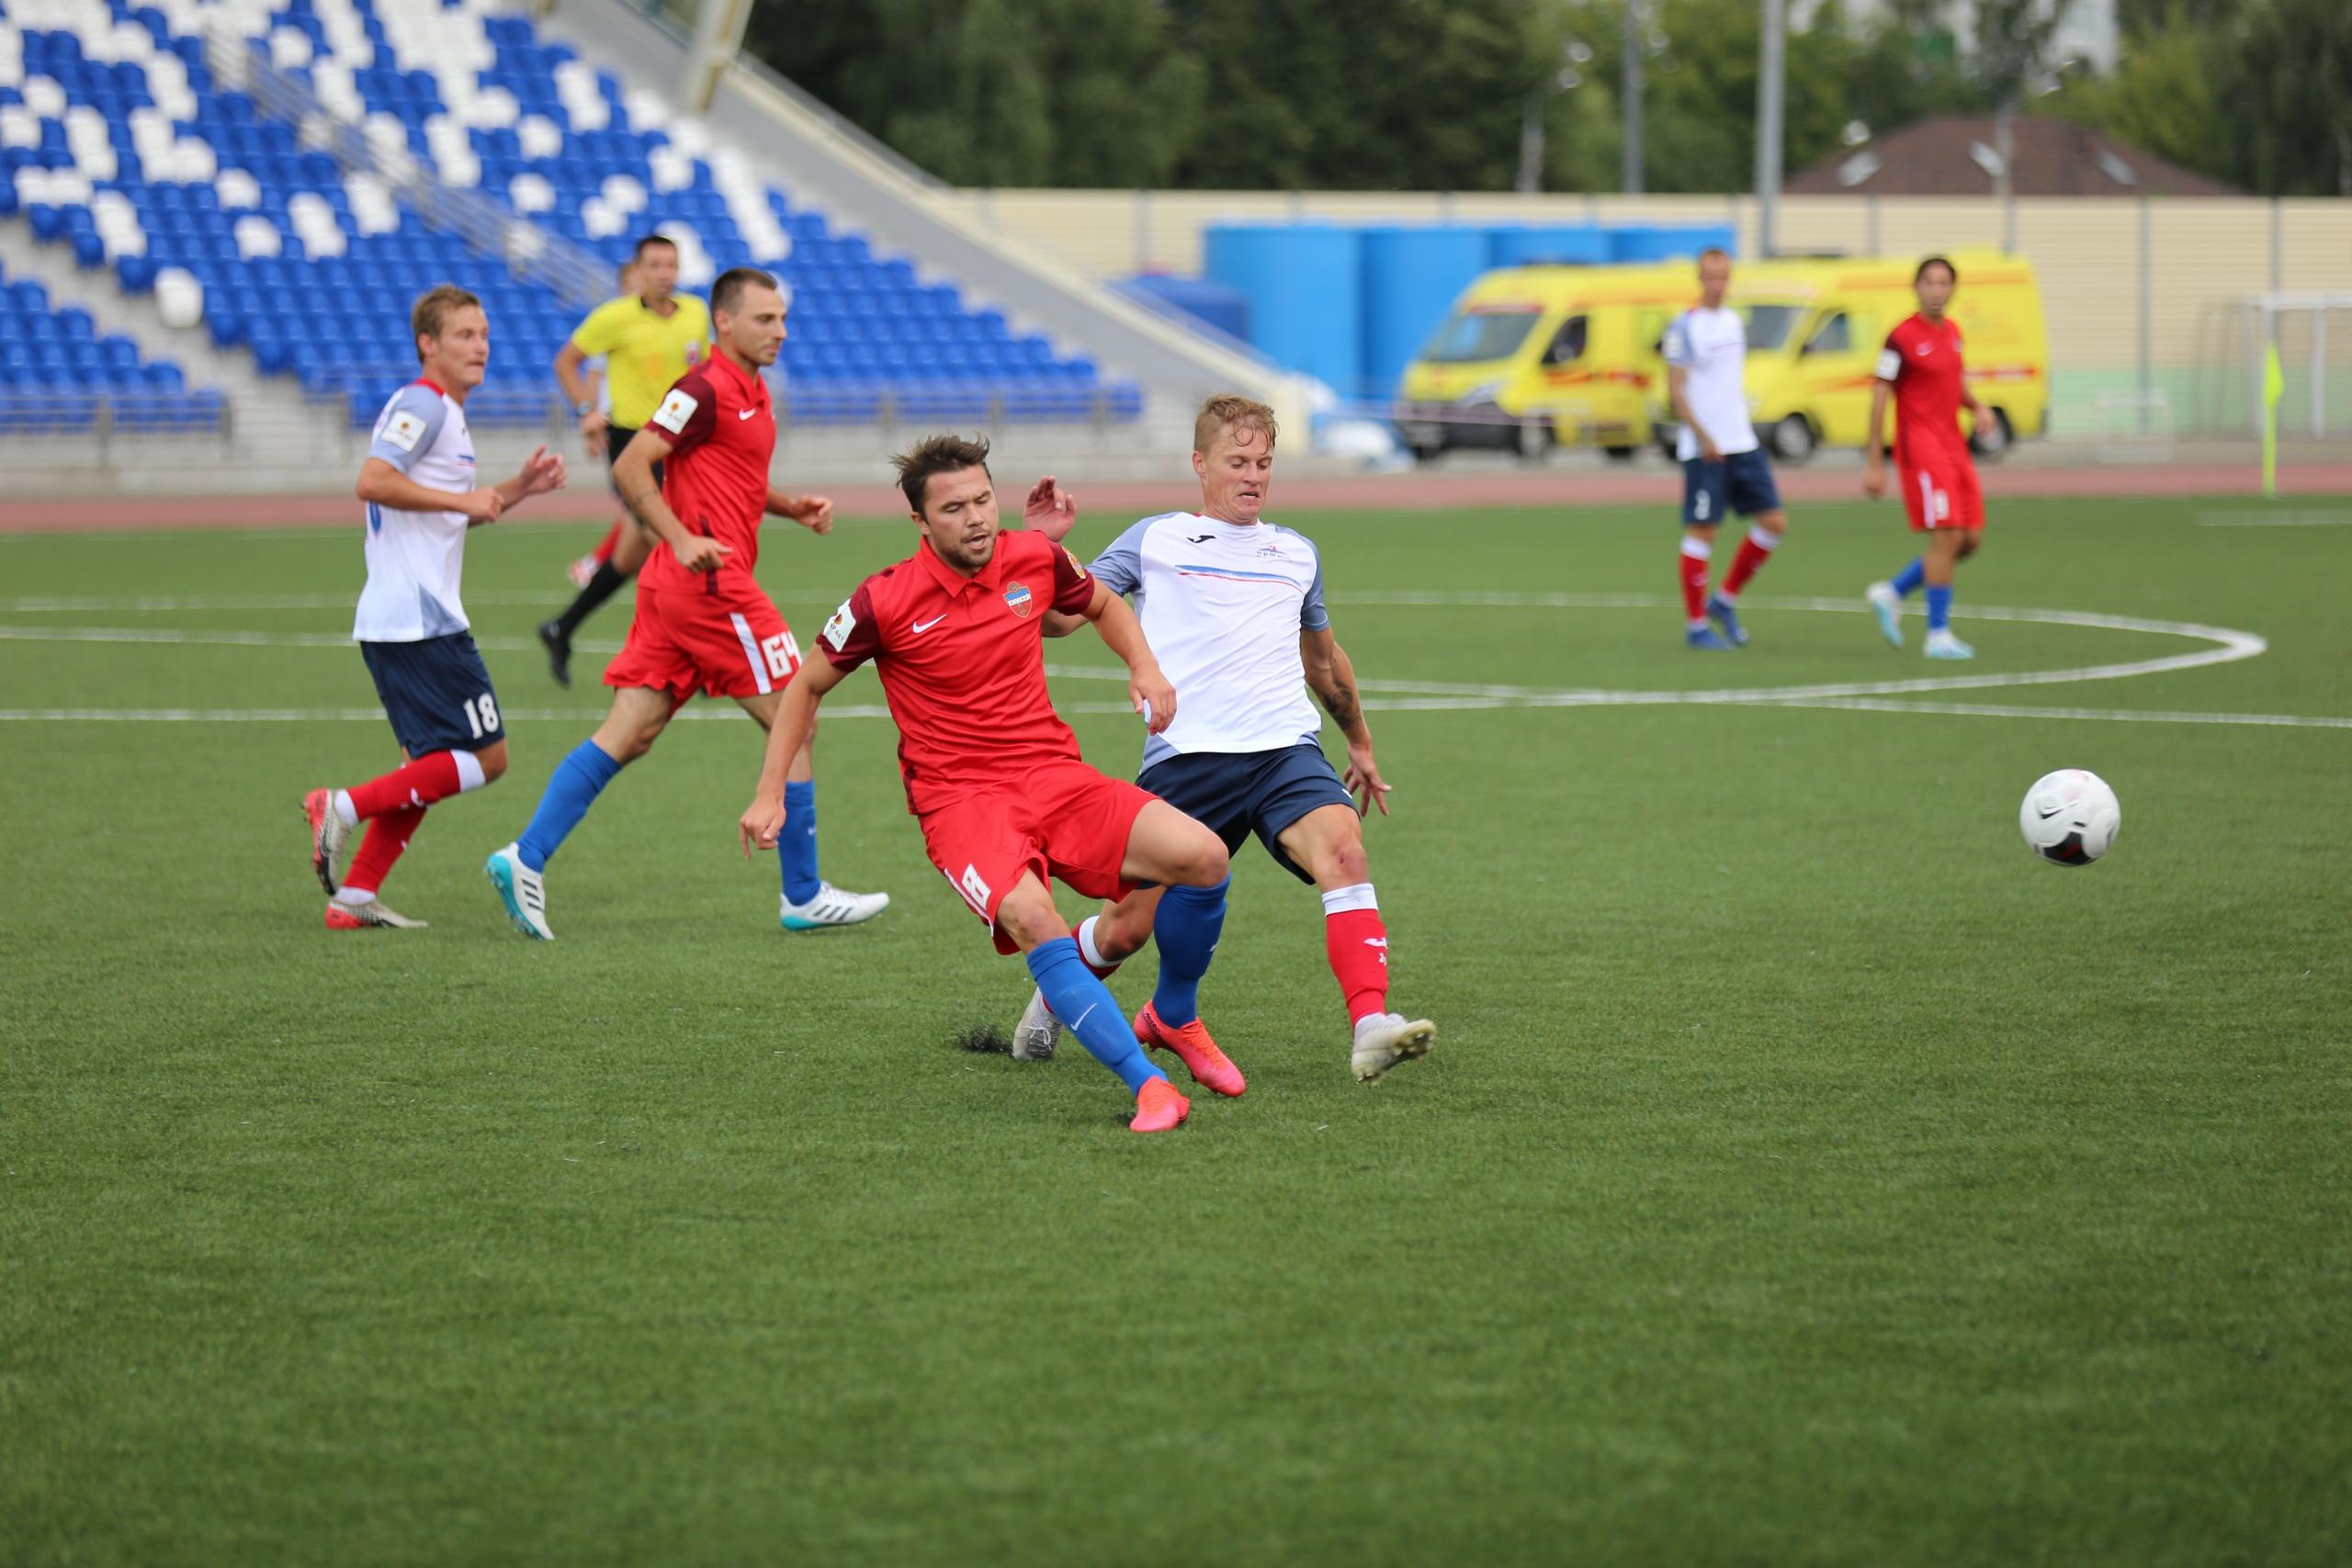 ghs8Nti7zf4 - Результаты матчей 1 августа. Феерия голов в Грозном.